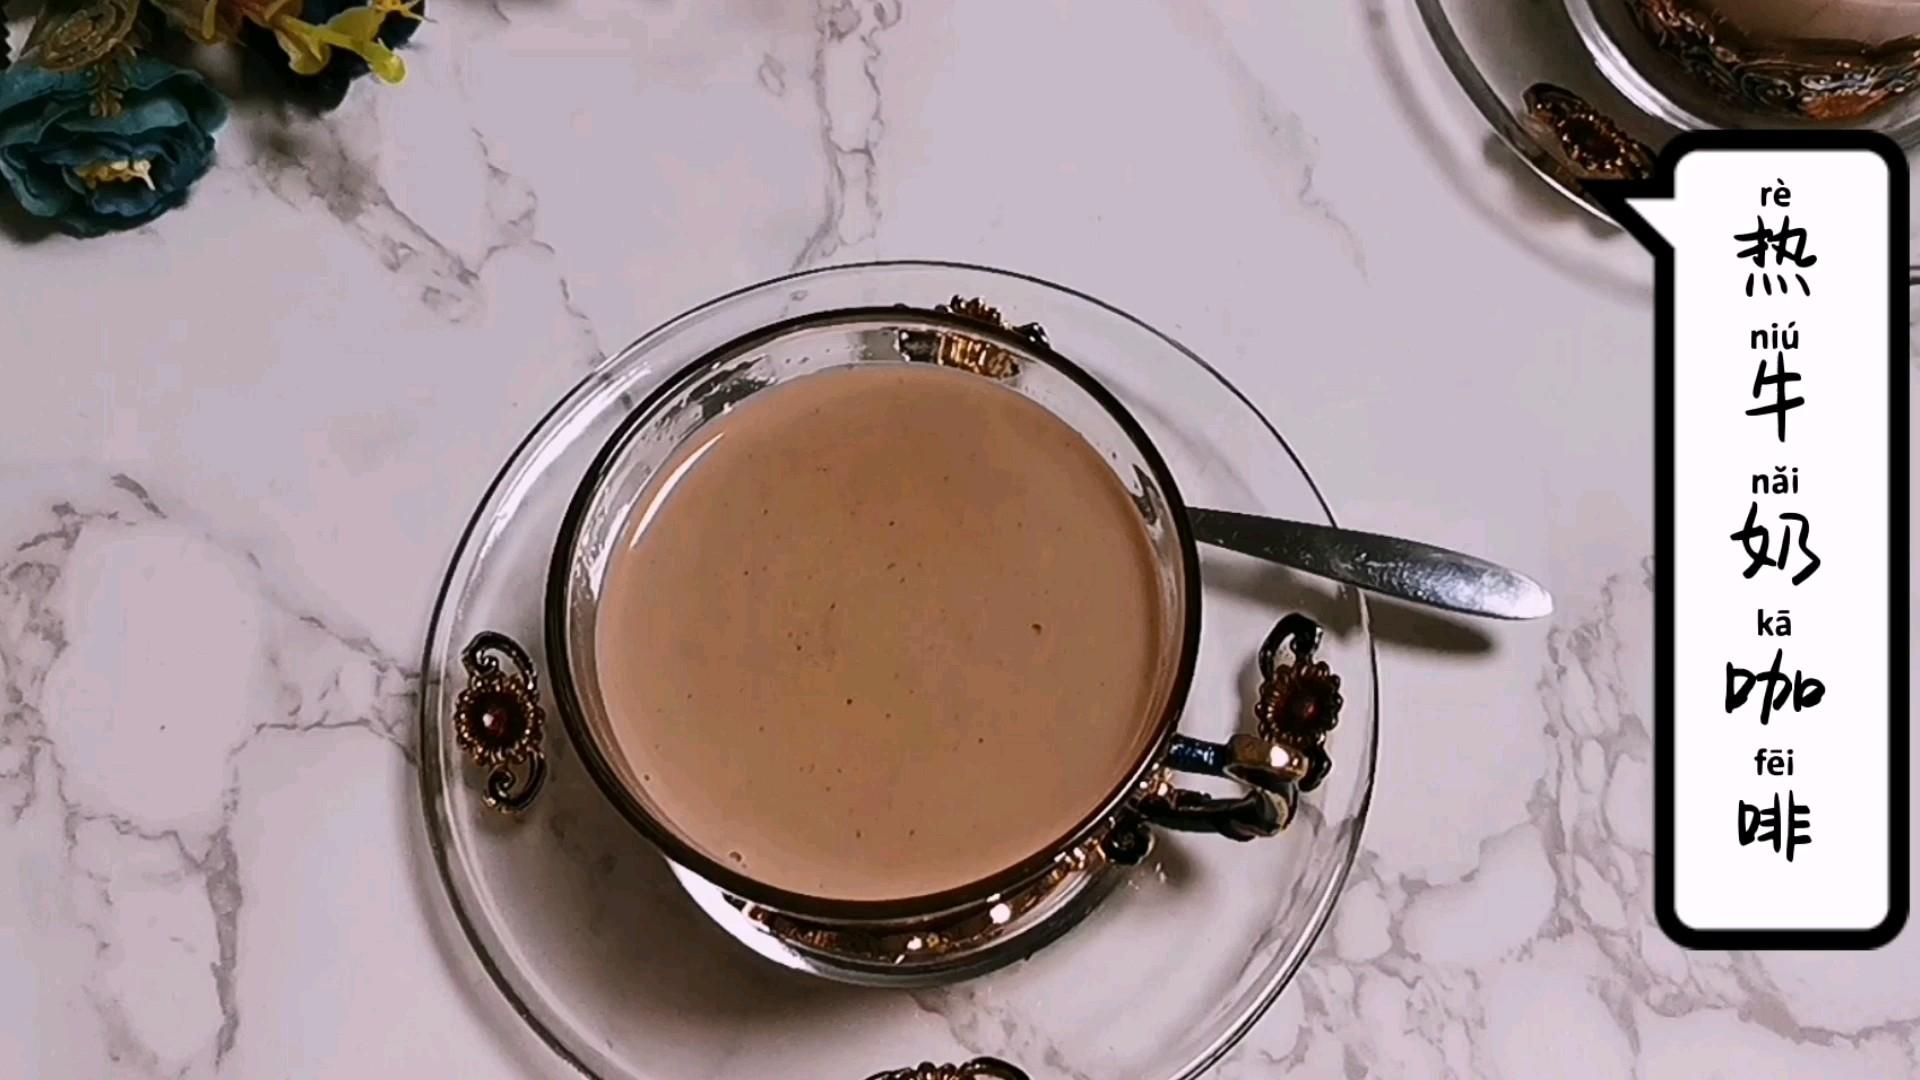 元气满满的下午茶:一杯热牛奶咖啡足以